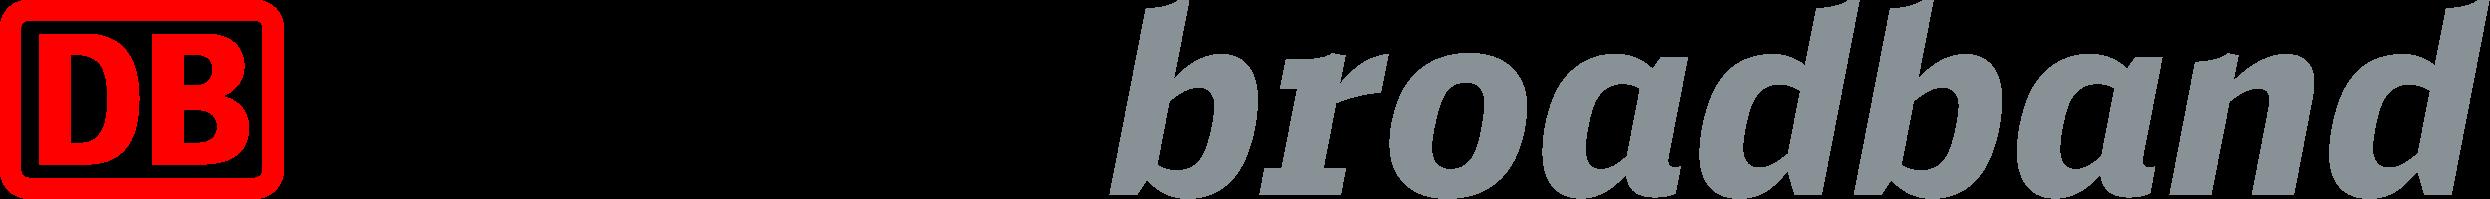 Logo DB broadband GmbH